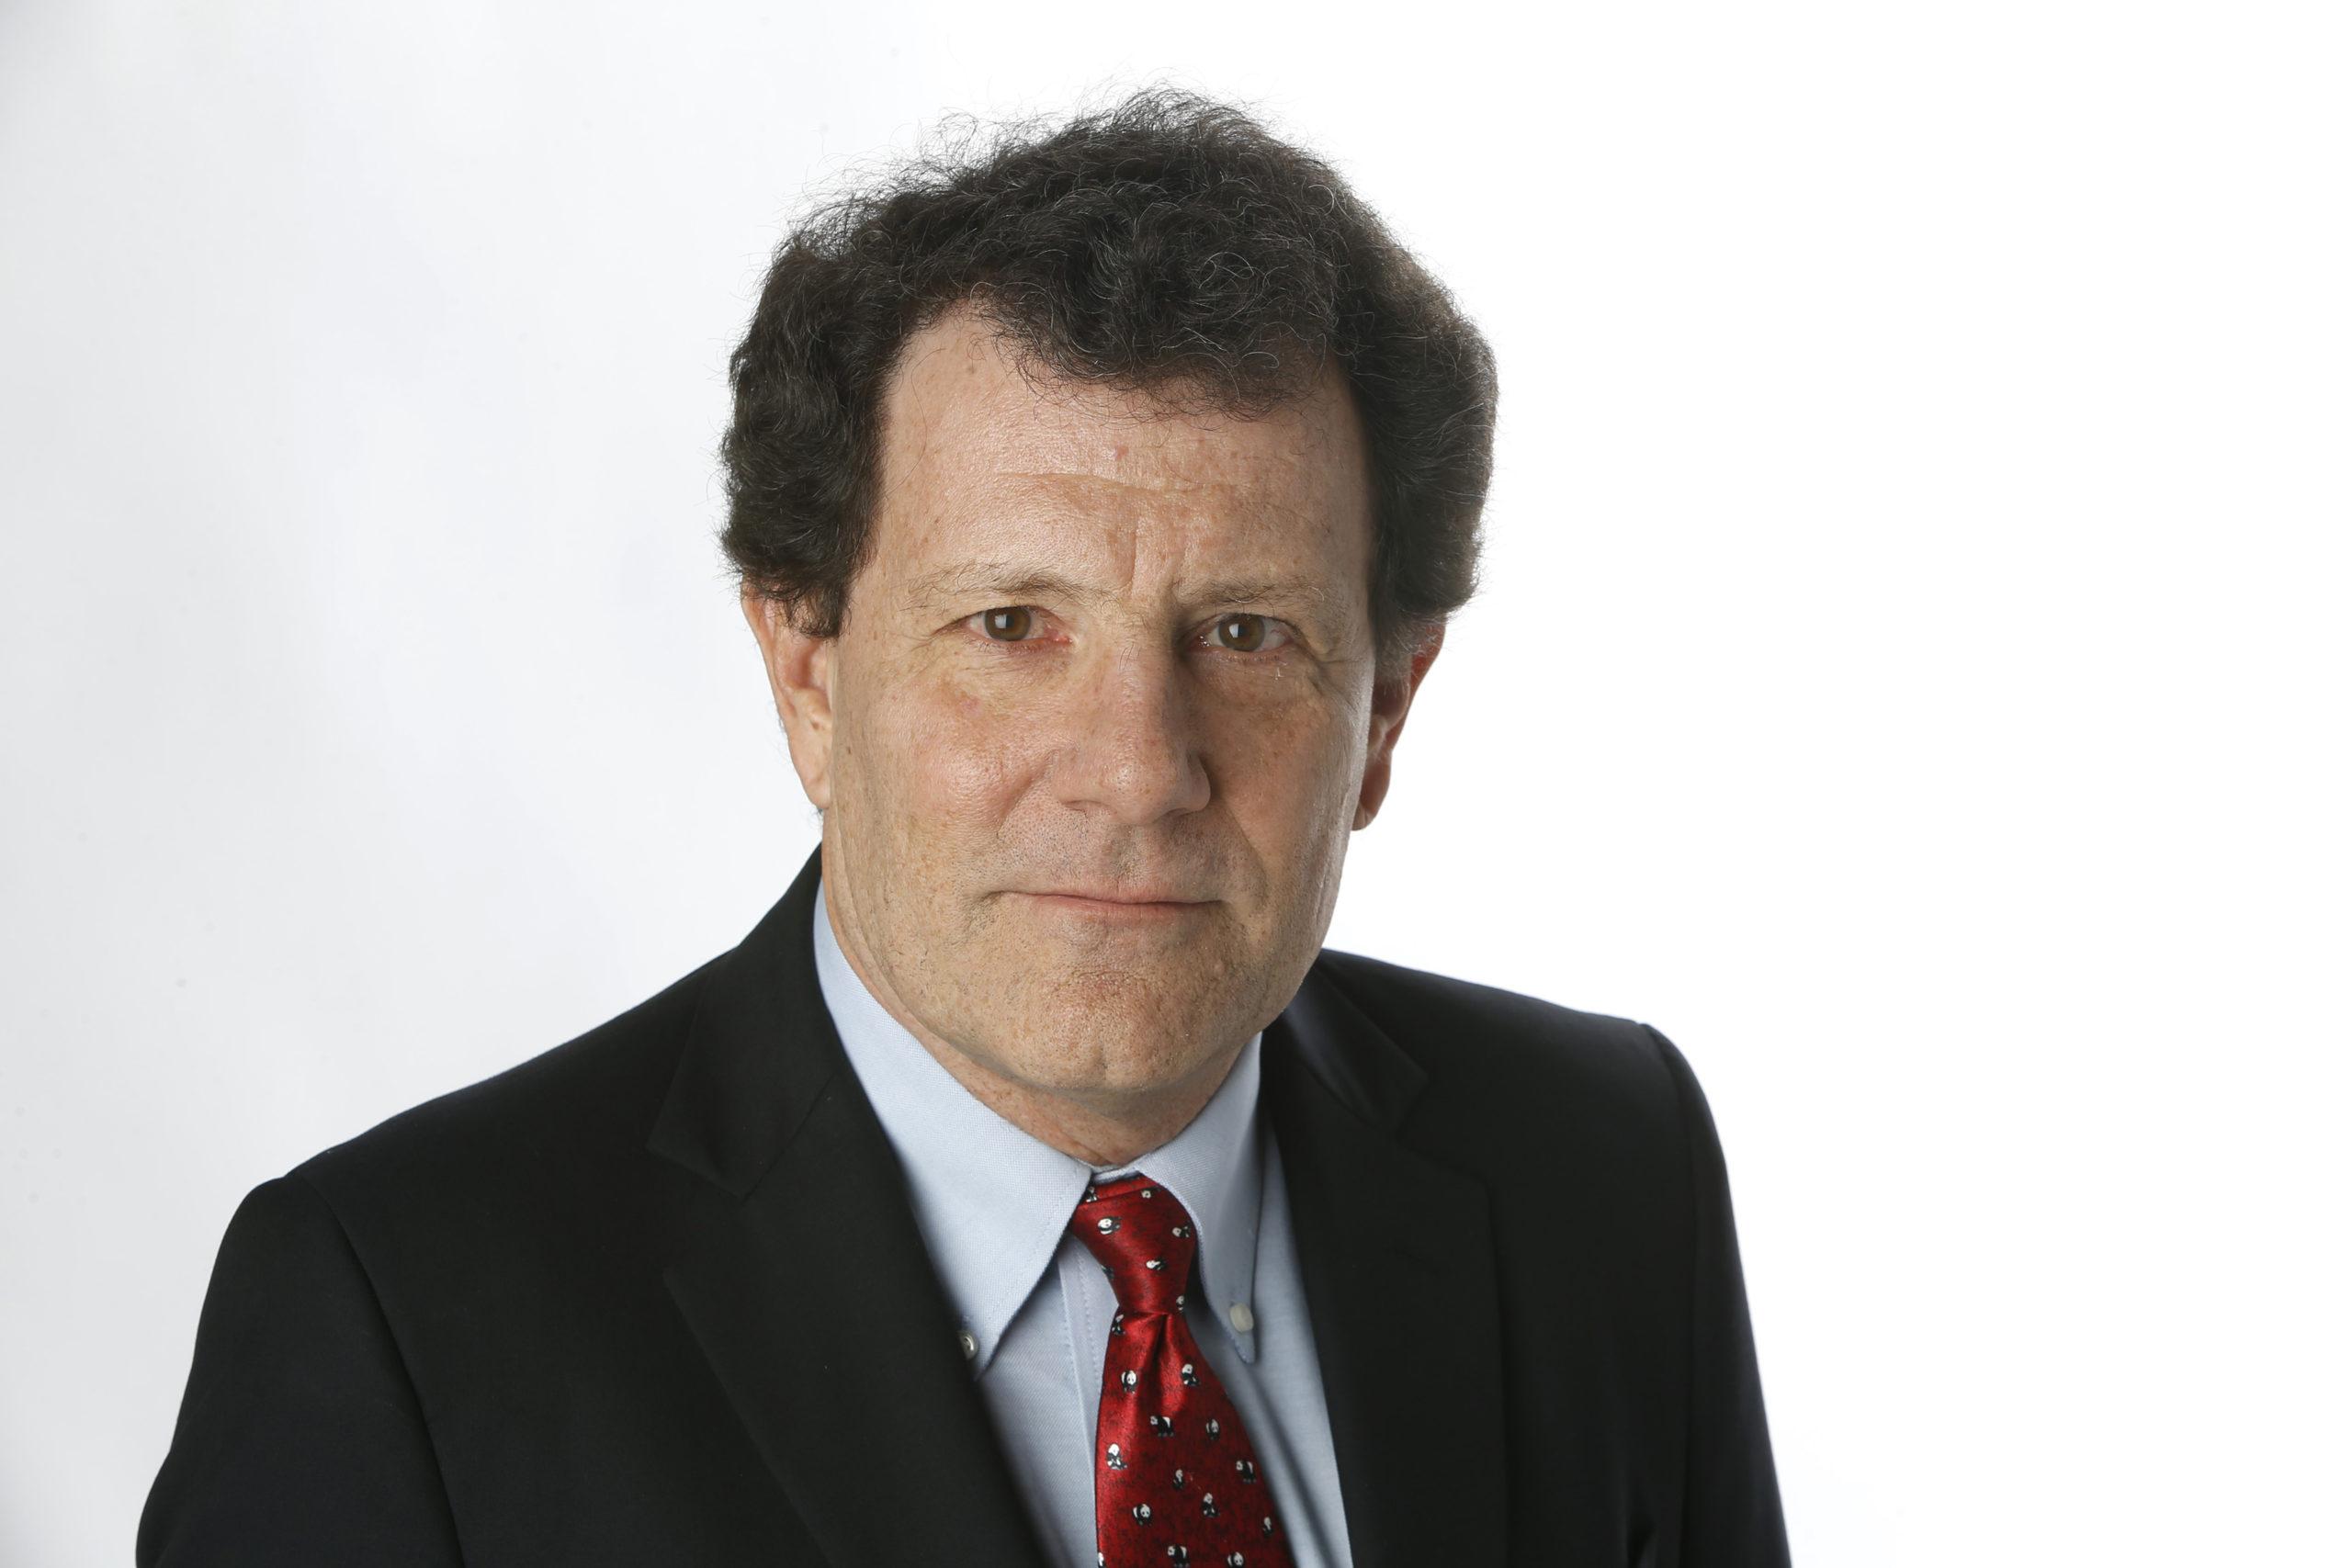 Nicolas Kristof